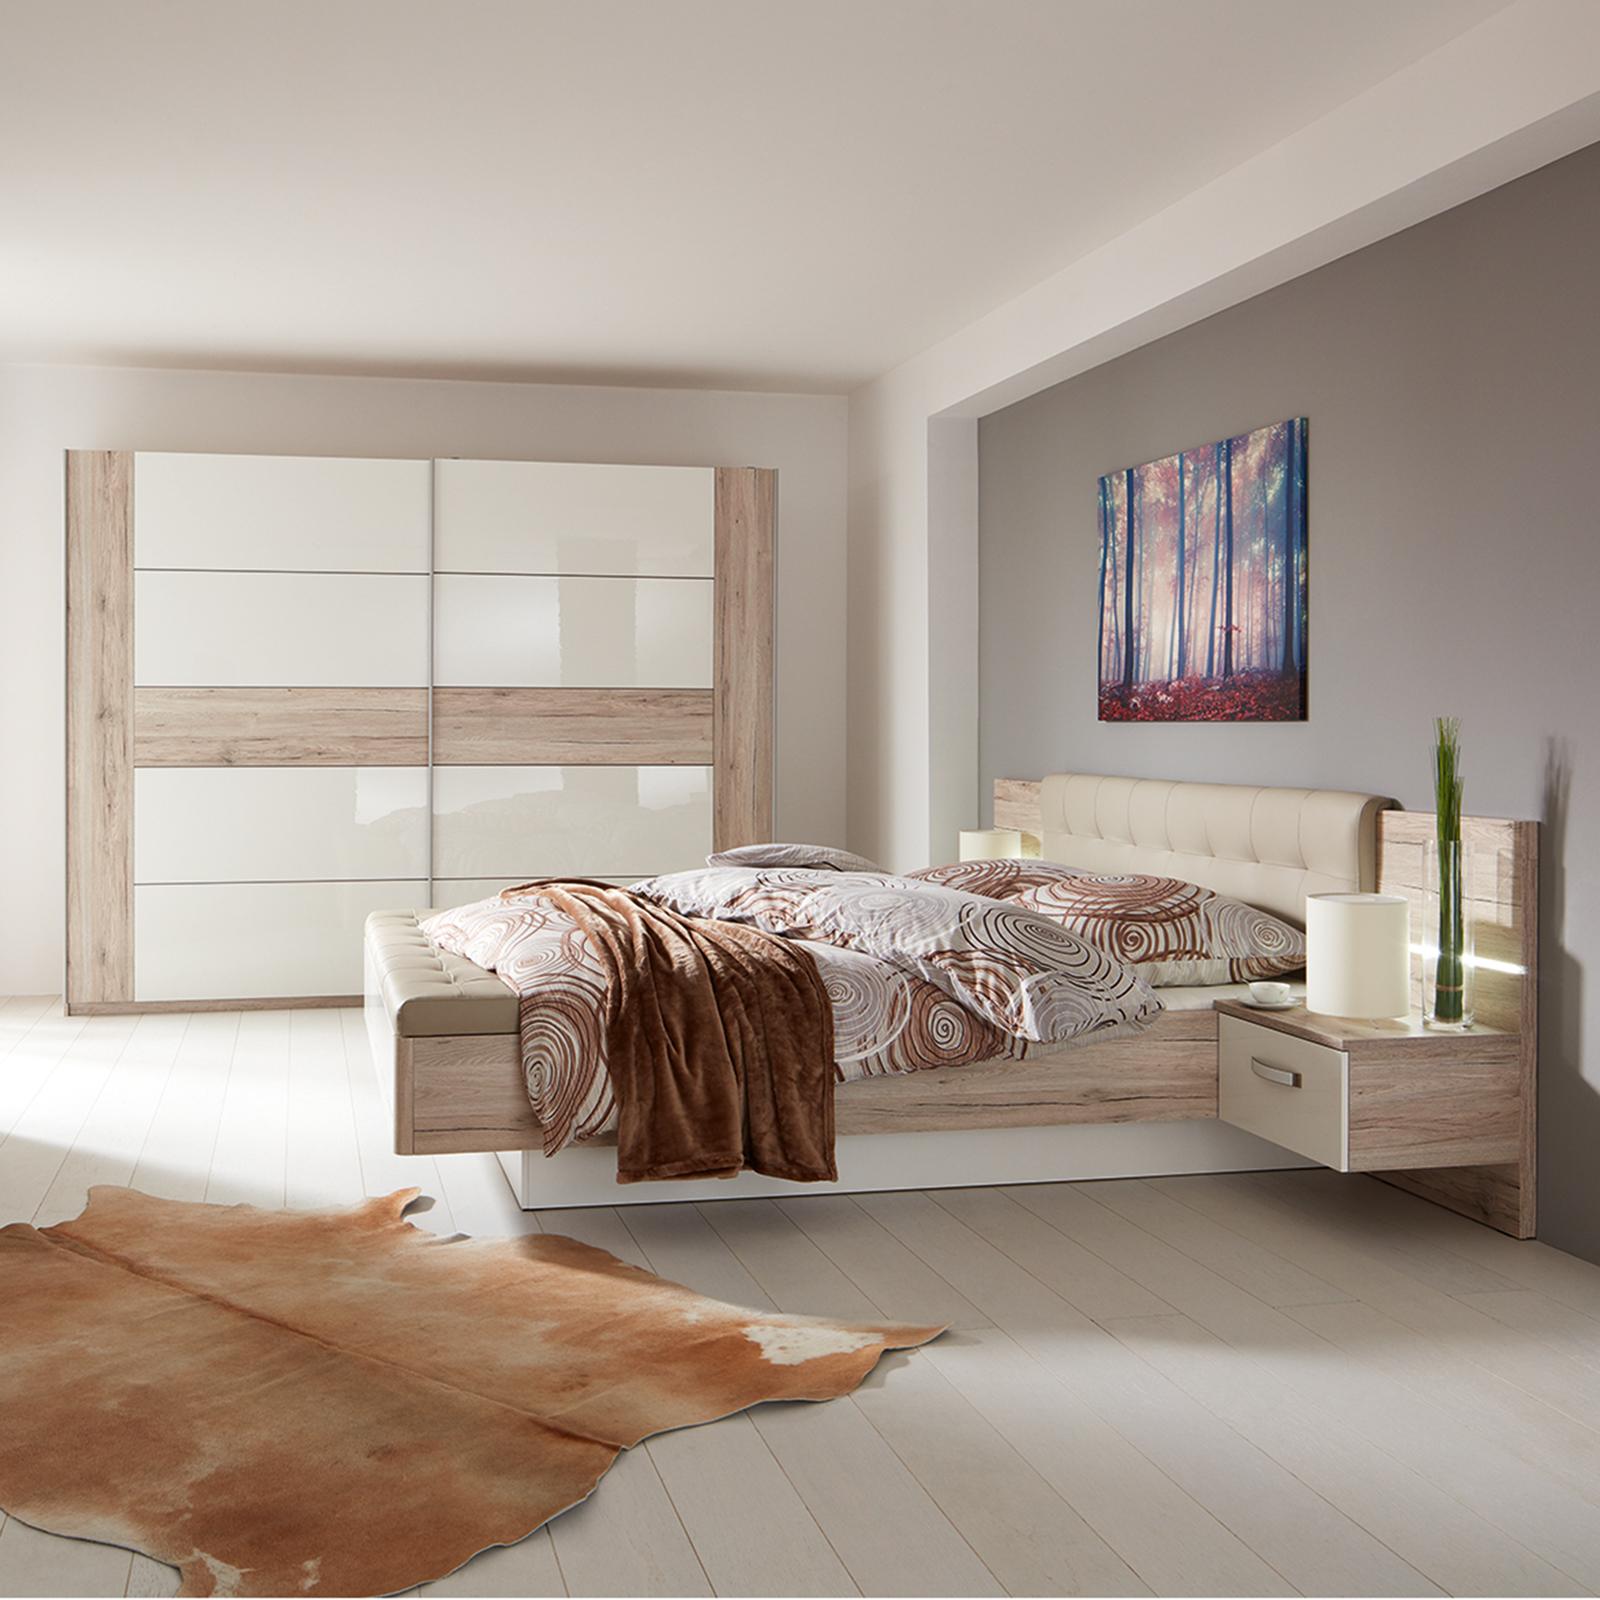 Full Size of Schlafzimmer Set Ellahome 4 Teiliges Sandeiche Wei Online Led Deckenleuchte Komplett Guenstig Deckenlampe Romantische Vorhänge Deckenleuchten Lampen Wandlampe Schlafzimmer Schlafzimmer Set